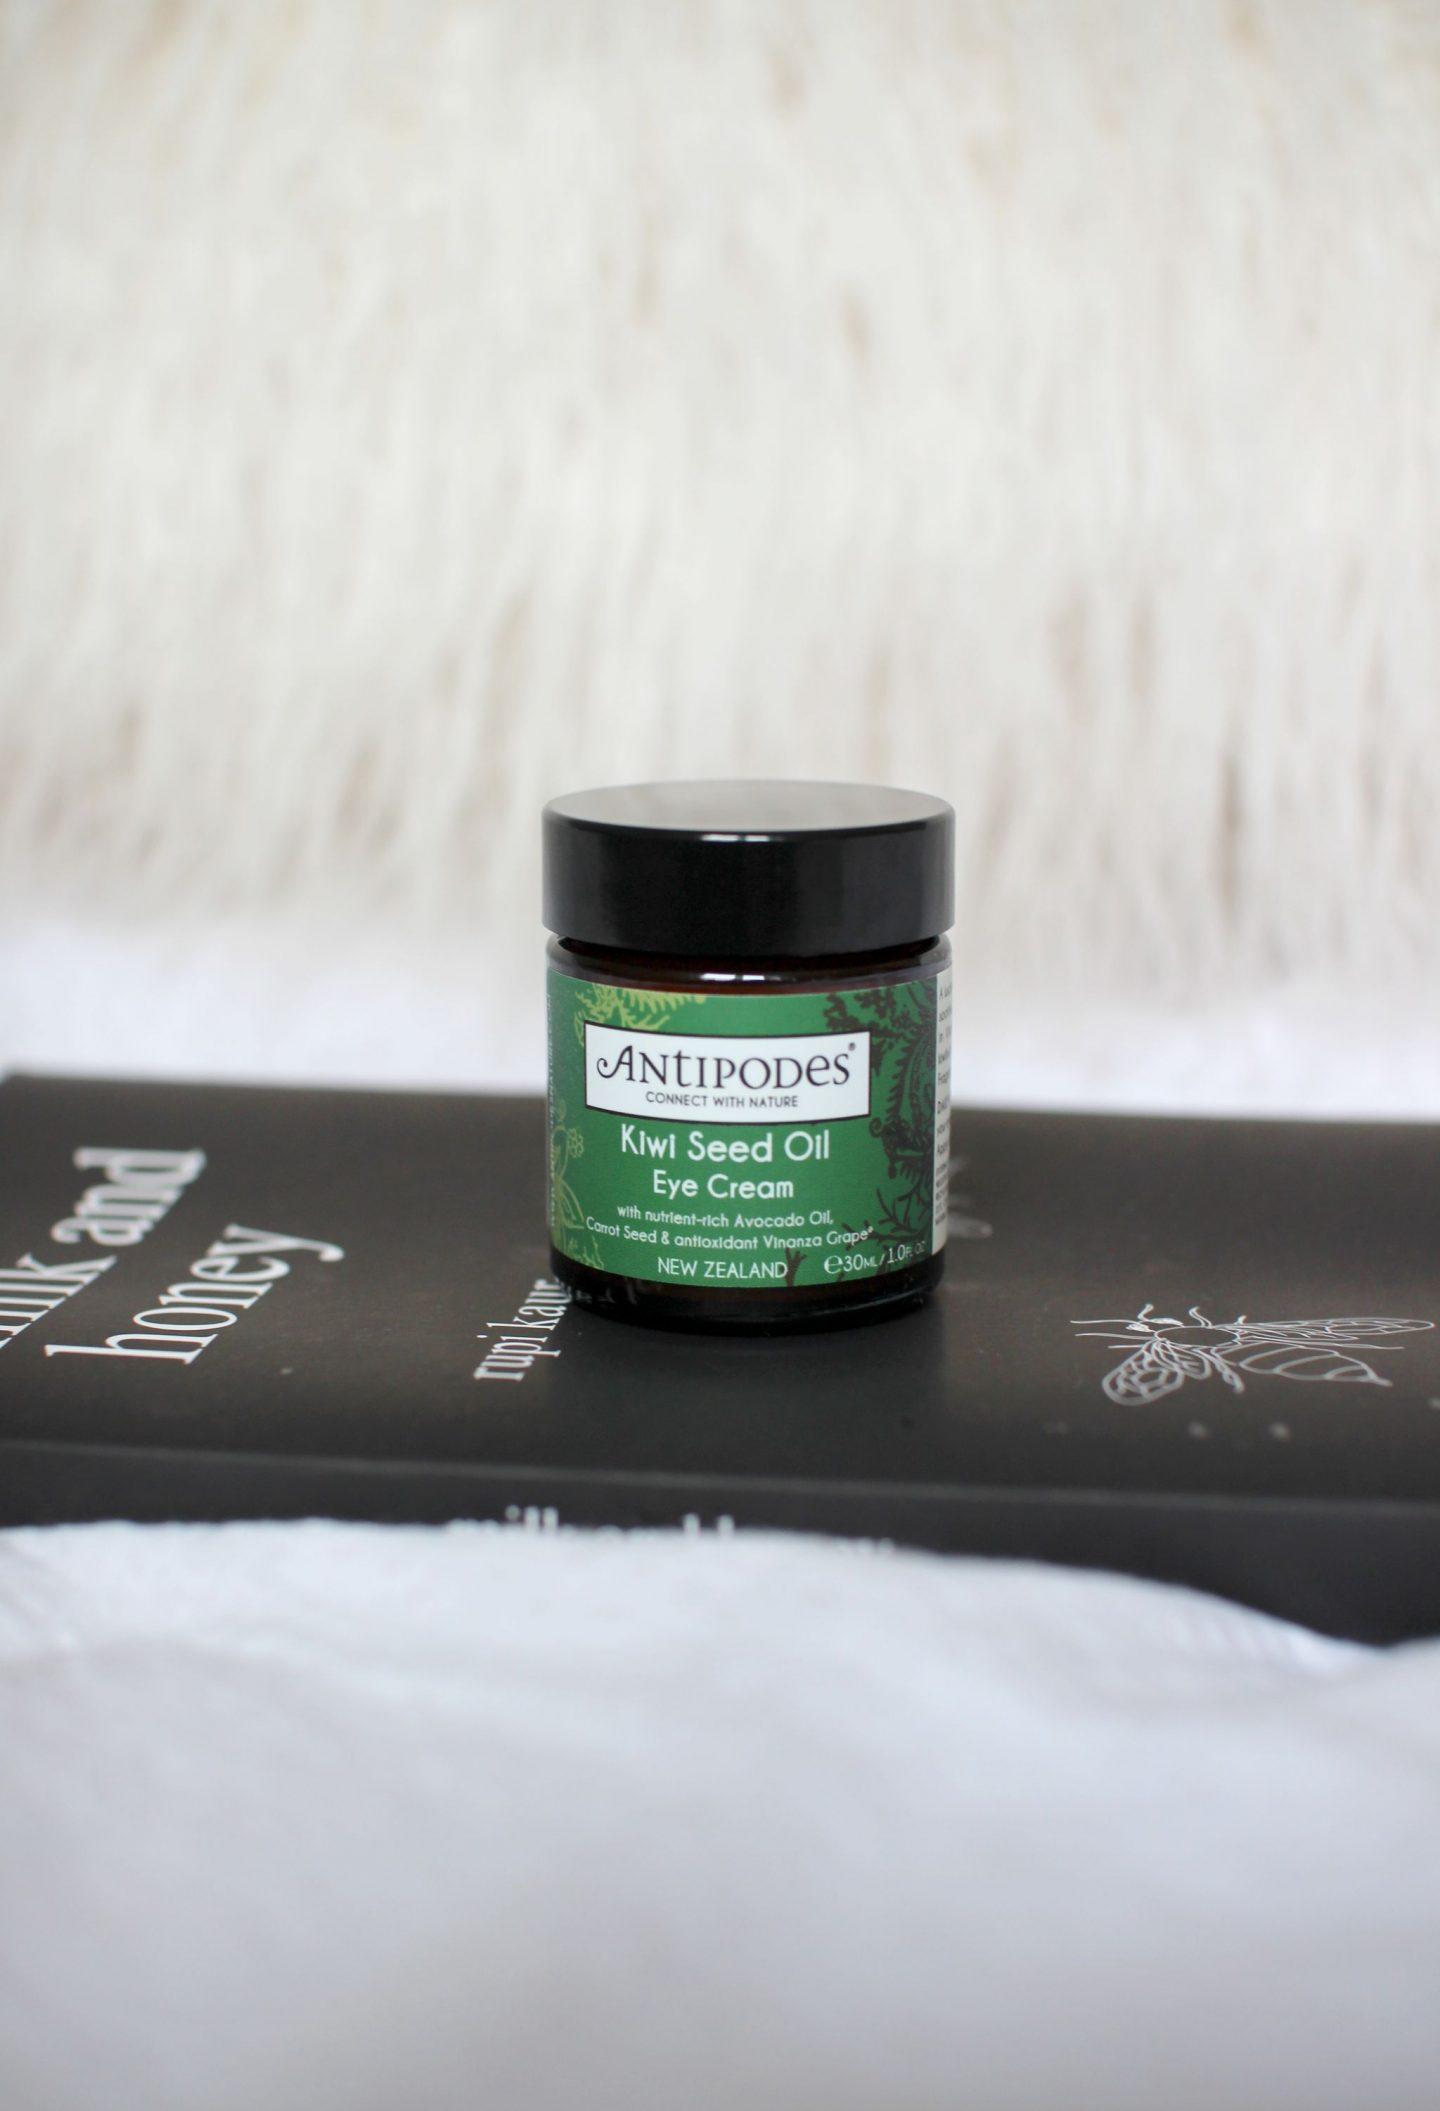 Antipodes Kiwi Seed Oil Eye Cream Review - Zoey Olivia